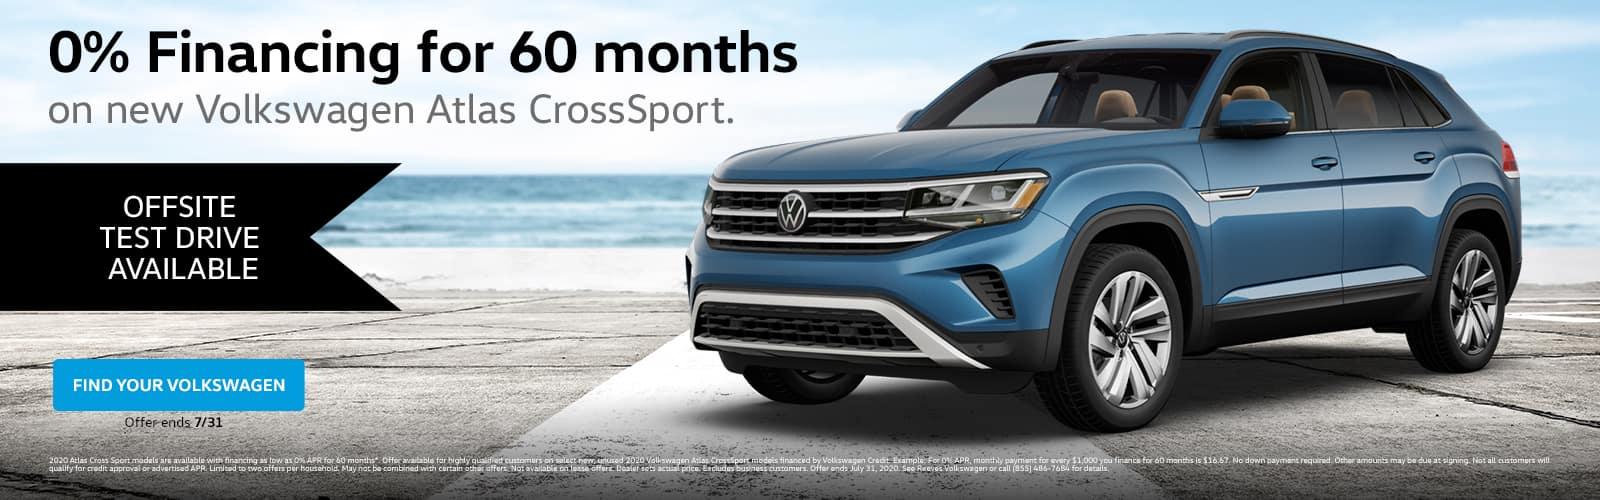 VW Atlas CrossSport